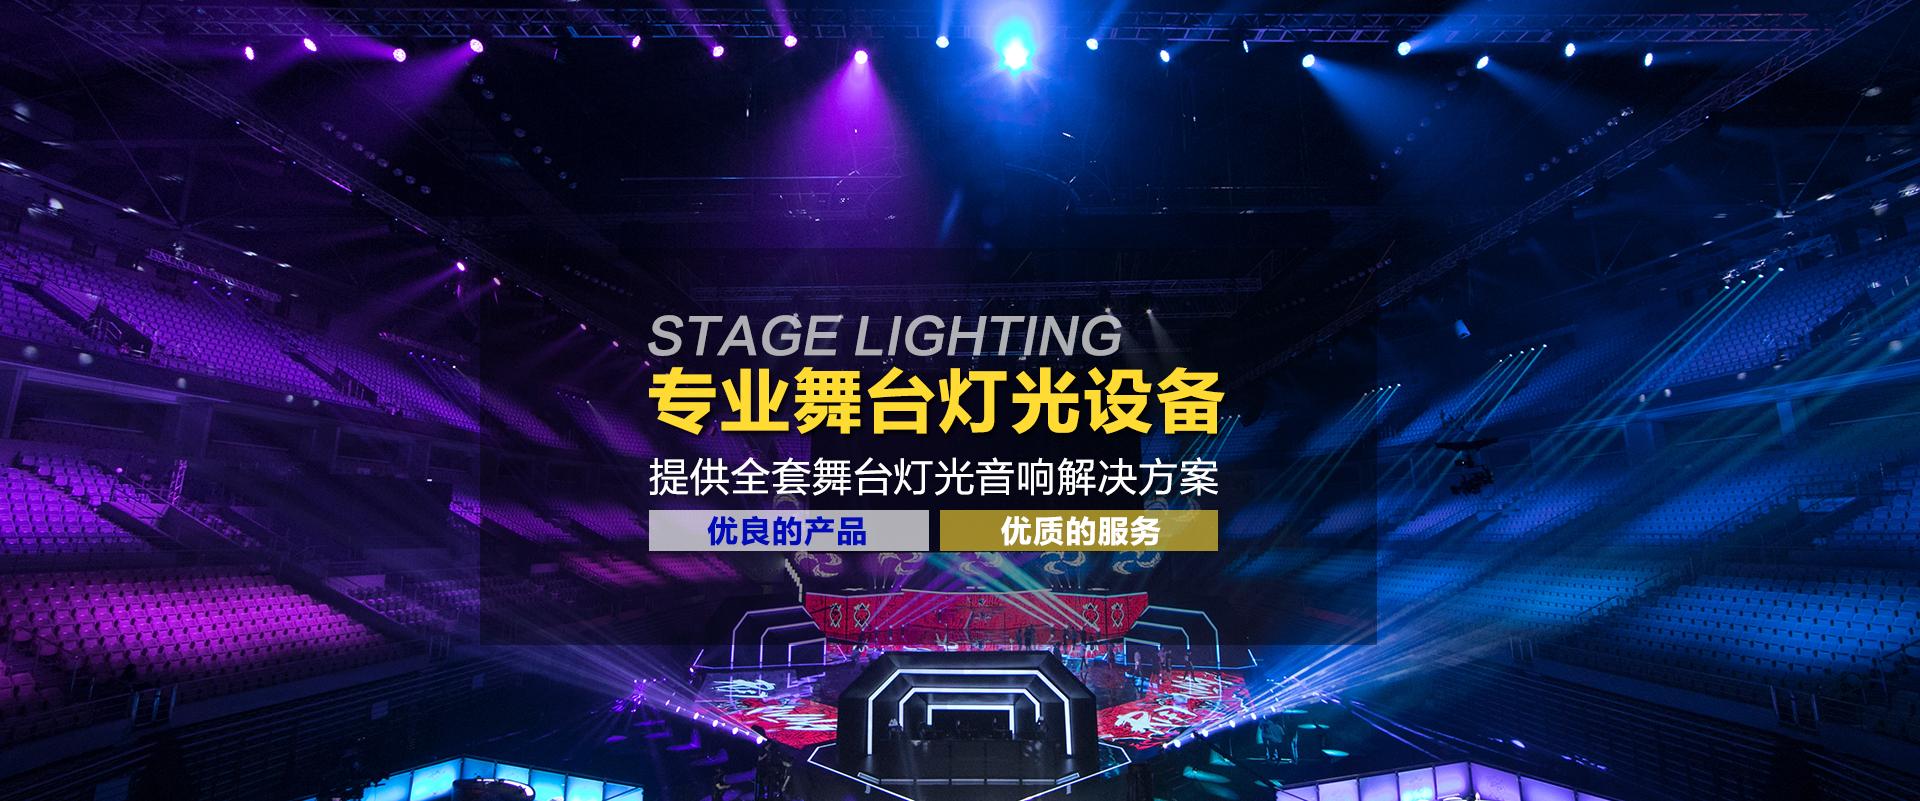 舞臺燈光設備批發